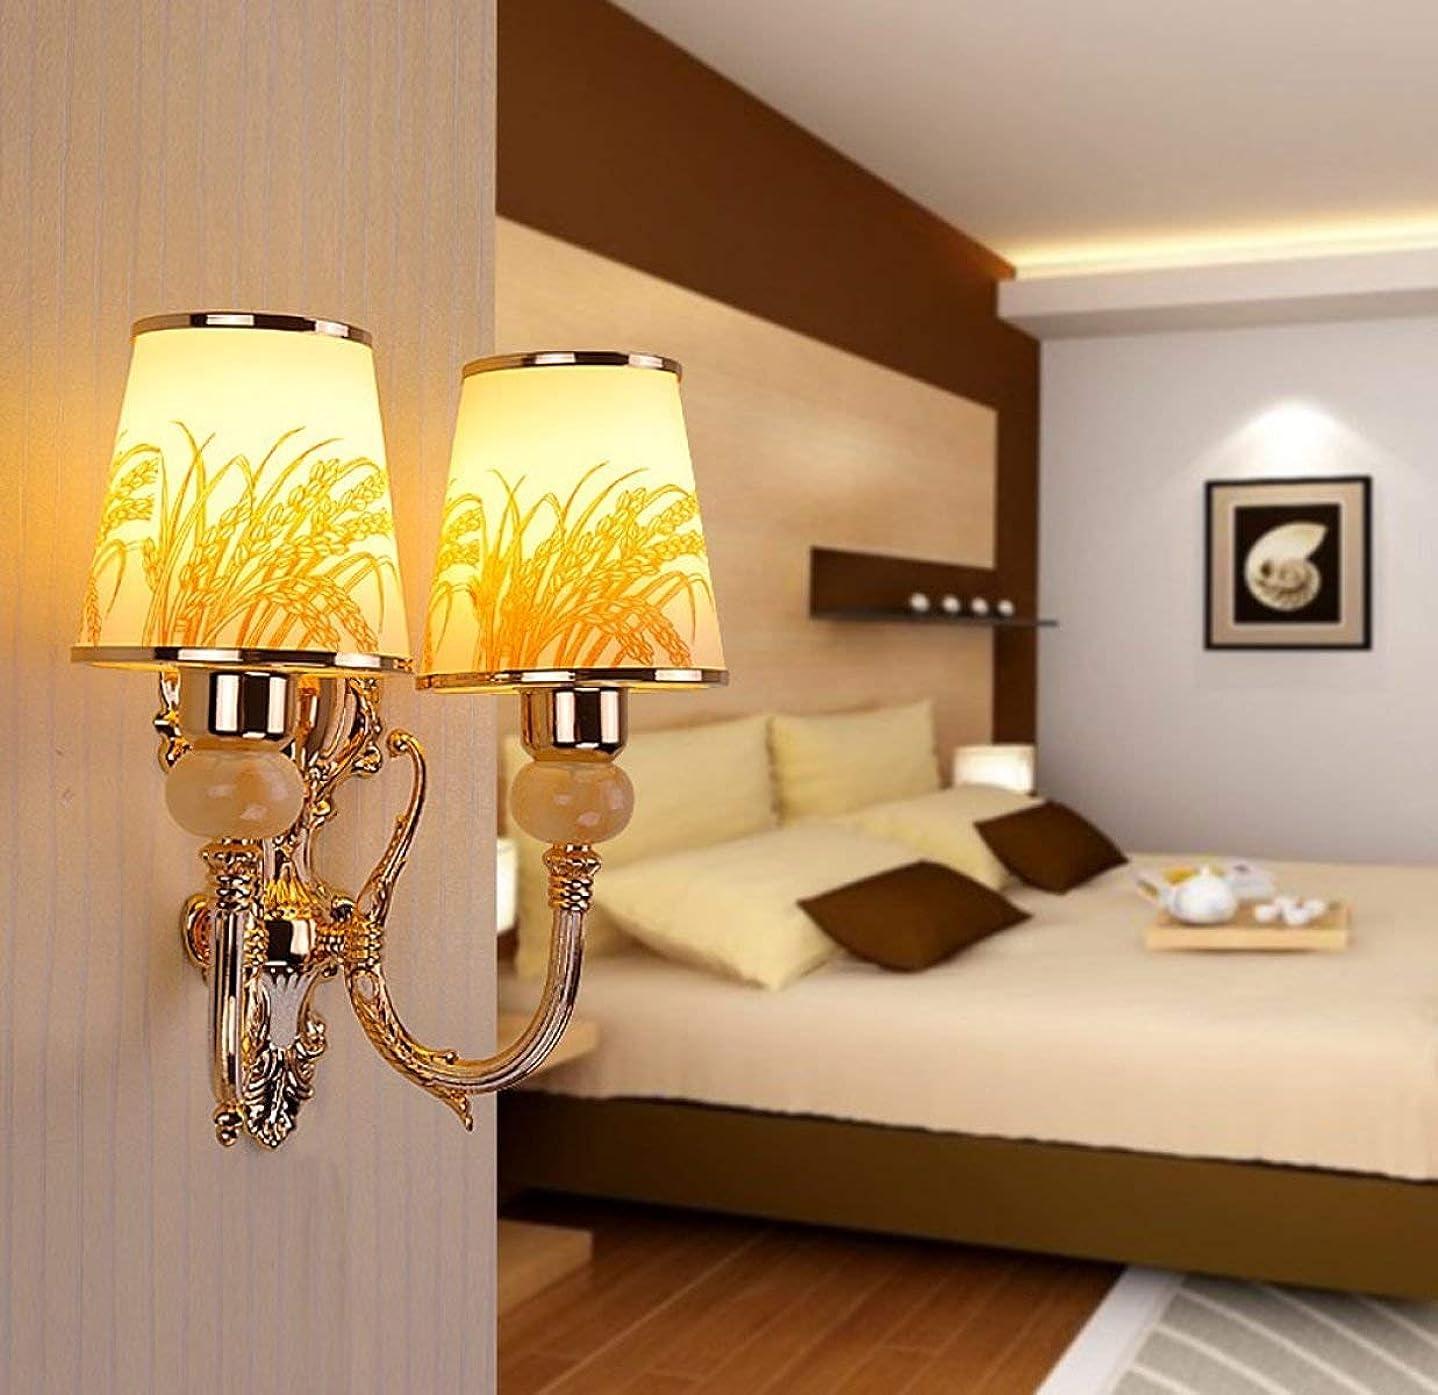 続編防水慣れているBXJ 現代のシンプルな鉄の壁ランプガラスの壁ランプシングルヘッド/ダブル壁ランプの寝室の壁ランプE27光源 (Color : B)